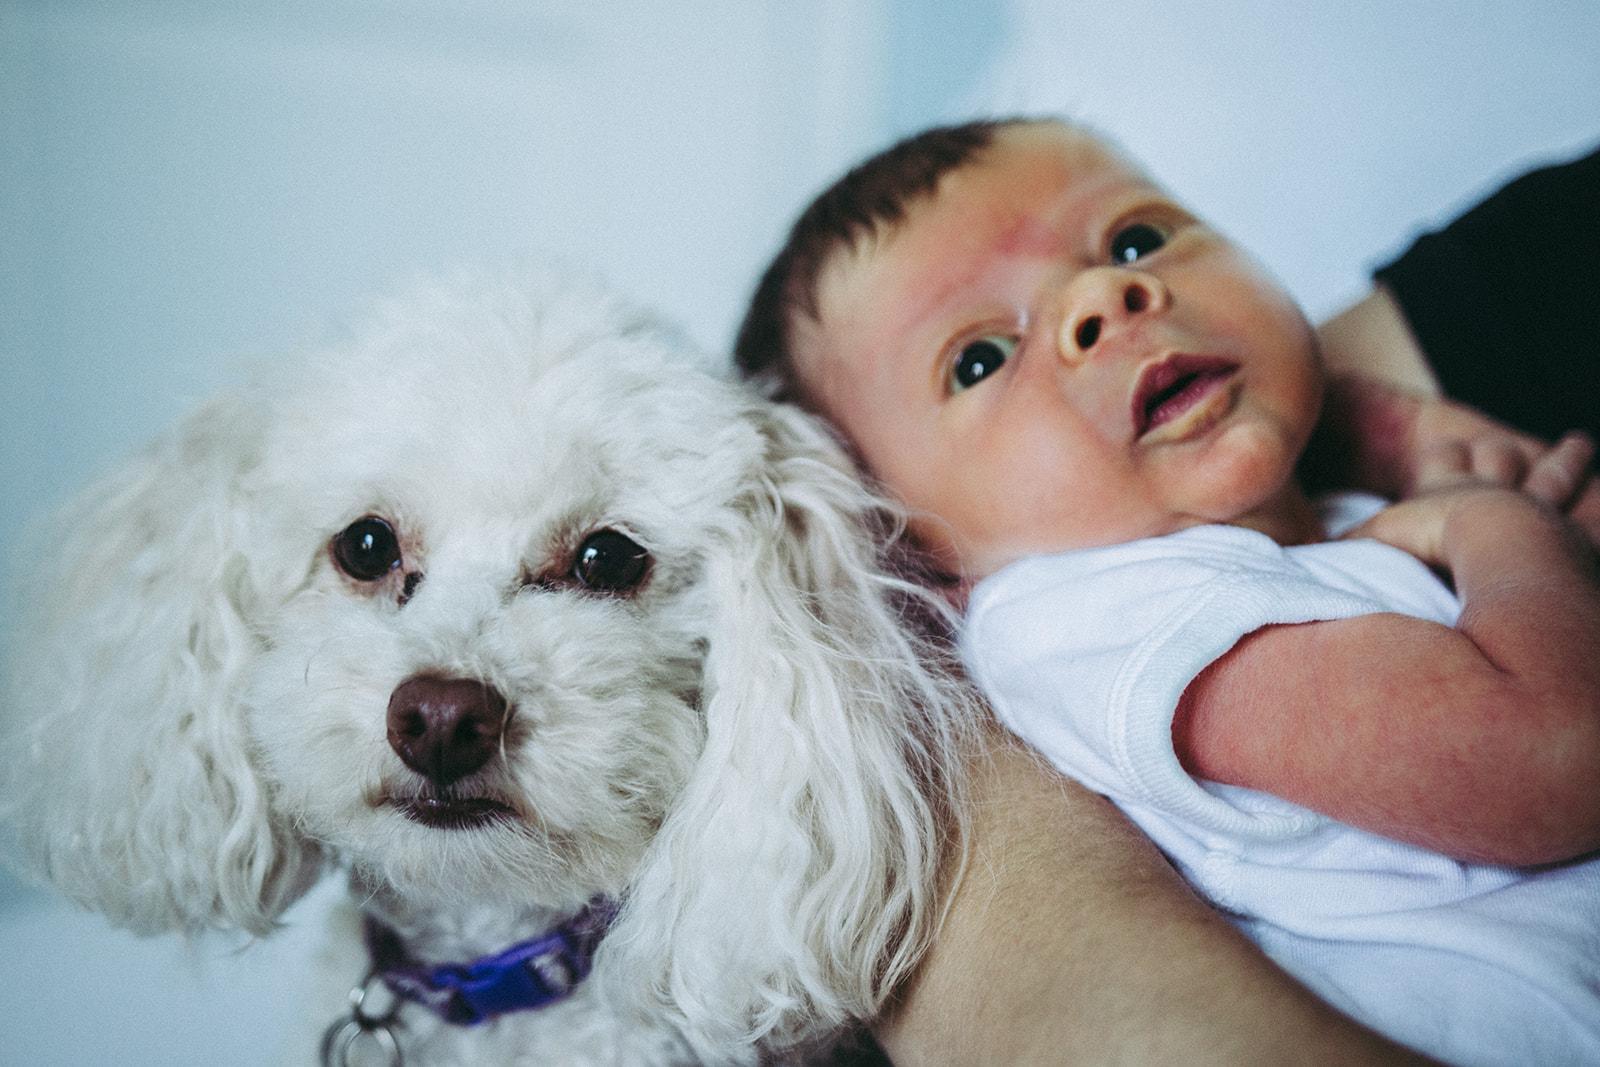 baby+vonier+newborn-19.jpg